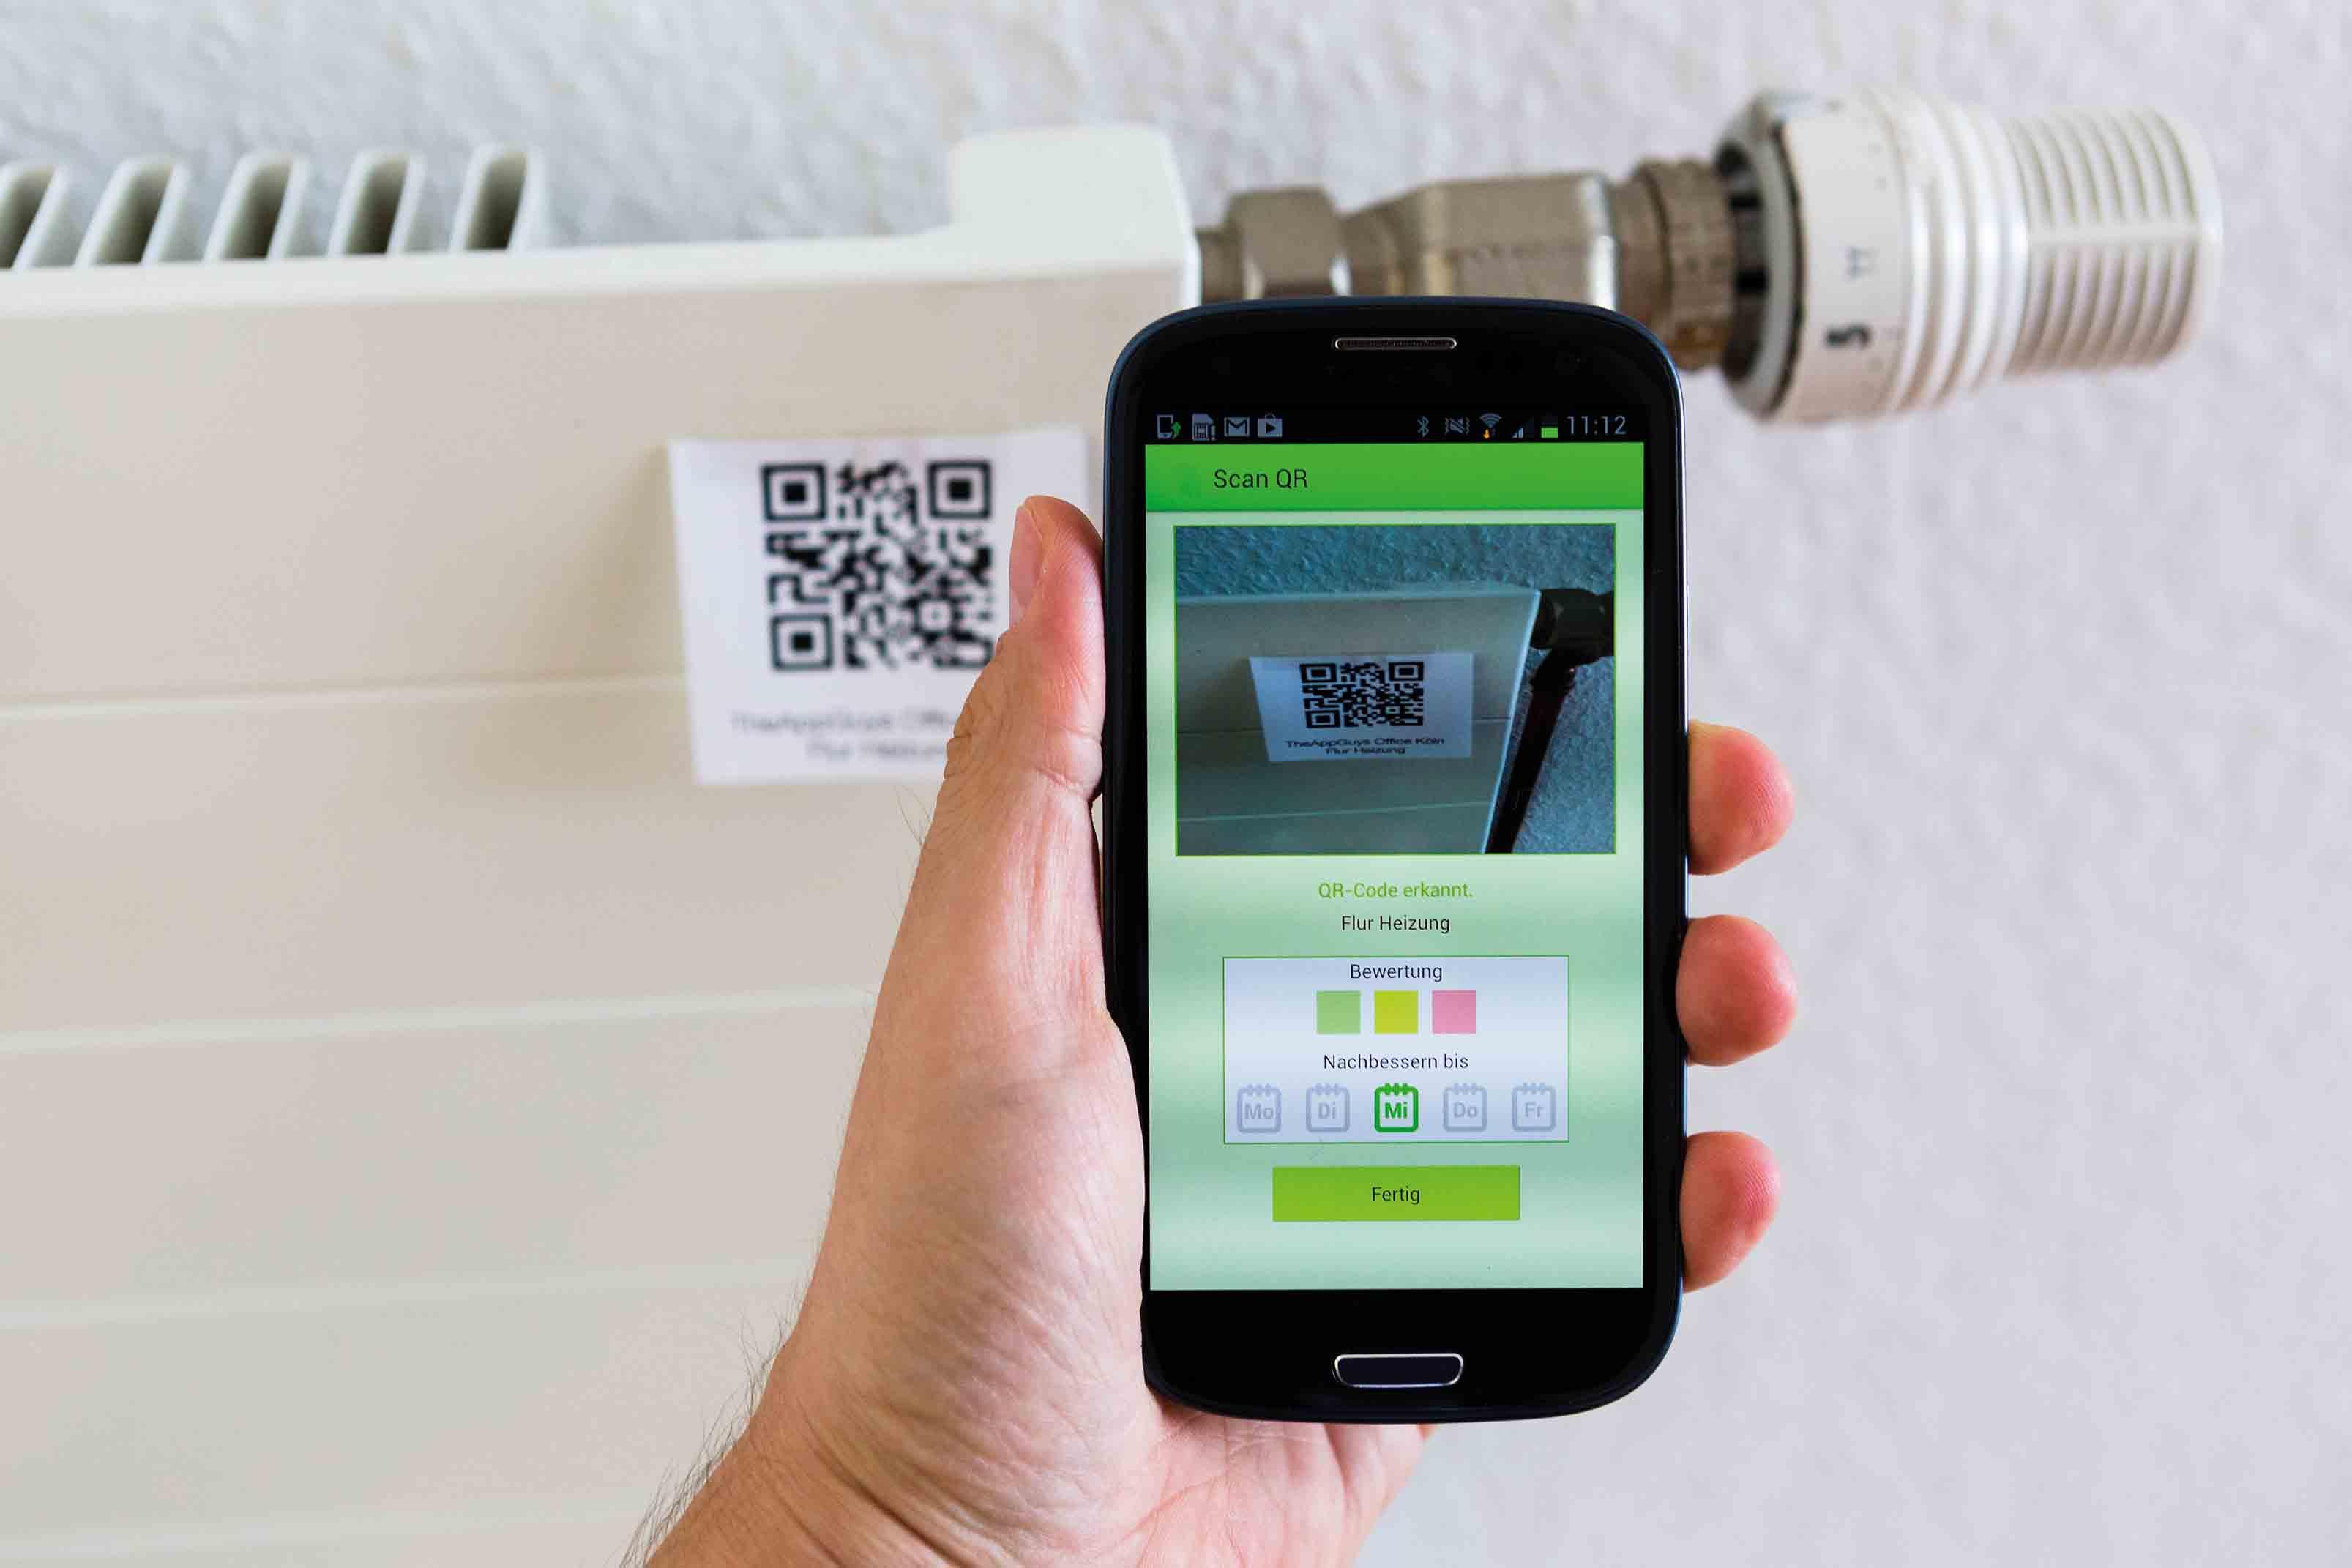 Neuheit: Papierlose Gebäudereinigungskontrolle per App QR-Code + GPS: Überprüfung großer Gebäude ab sofort leicht und übersichtlich